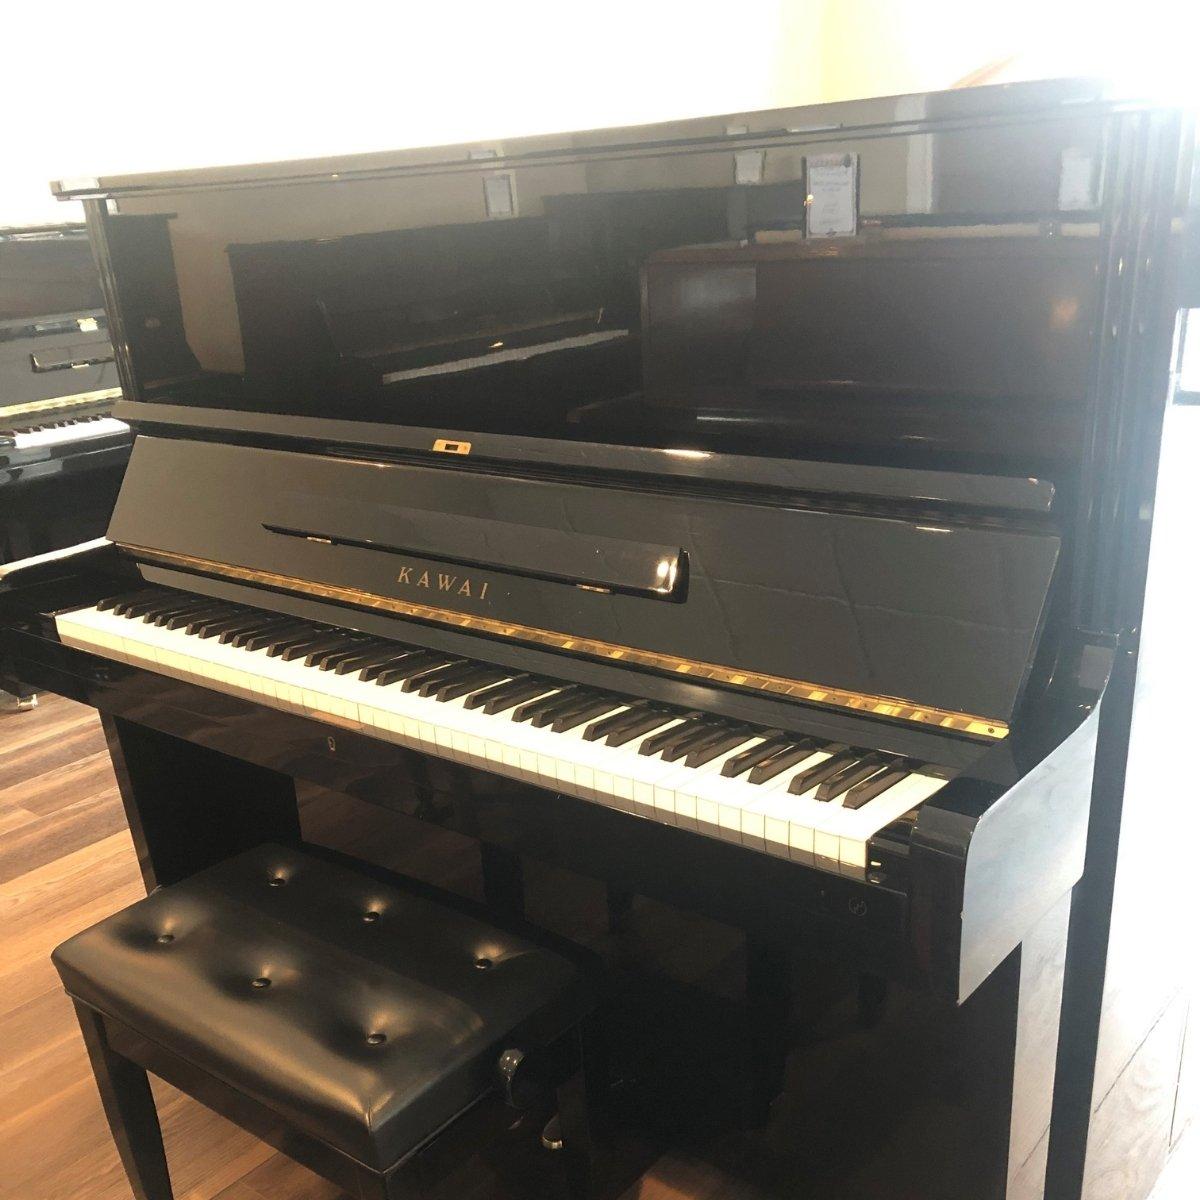 SOLD - Kawai 48 Model BL-51 Upright Piano